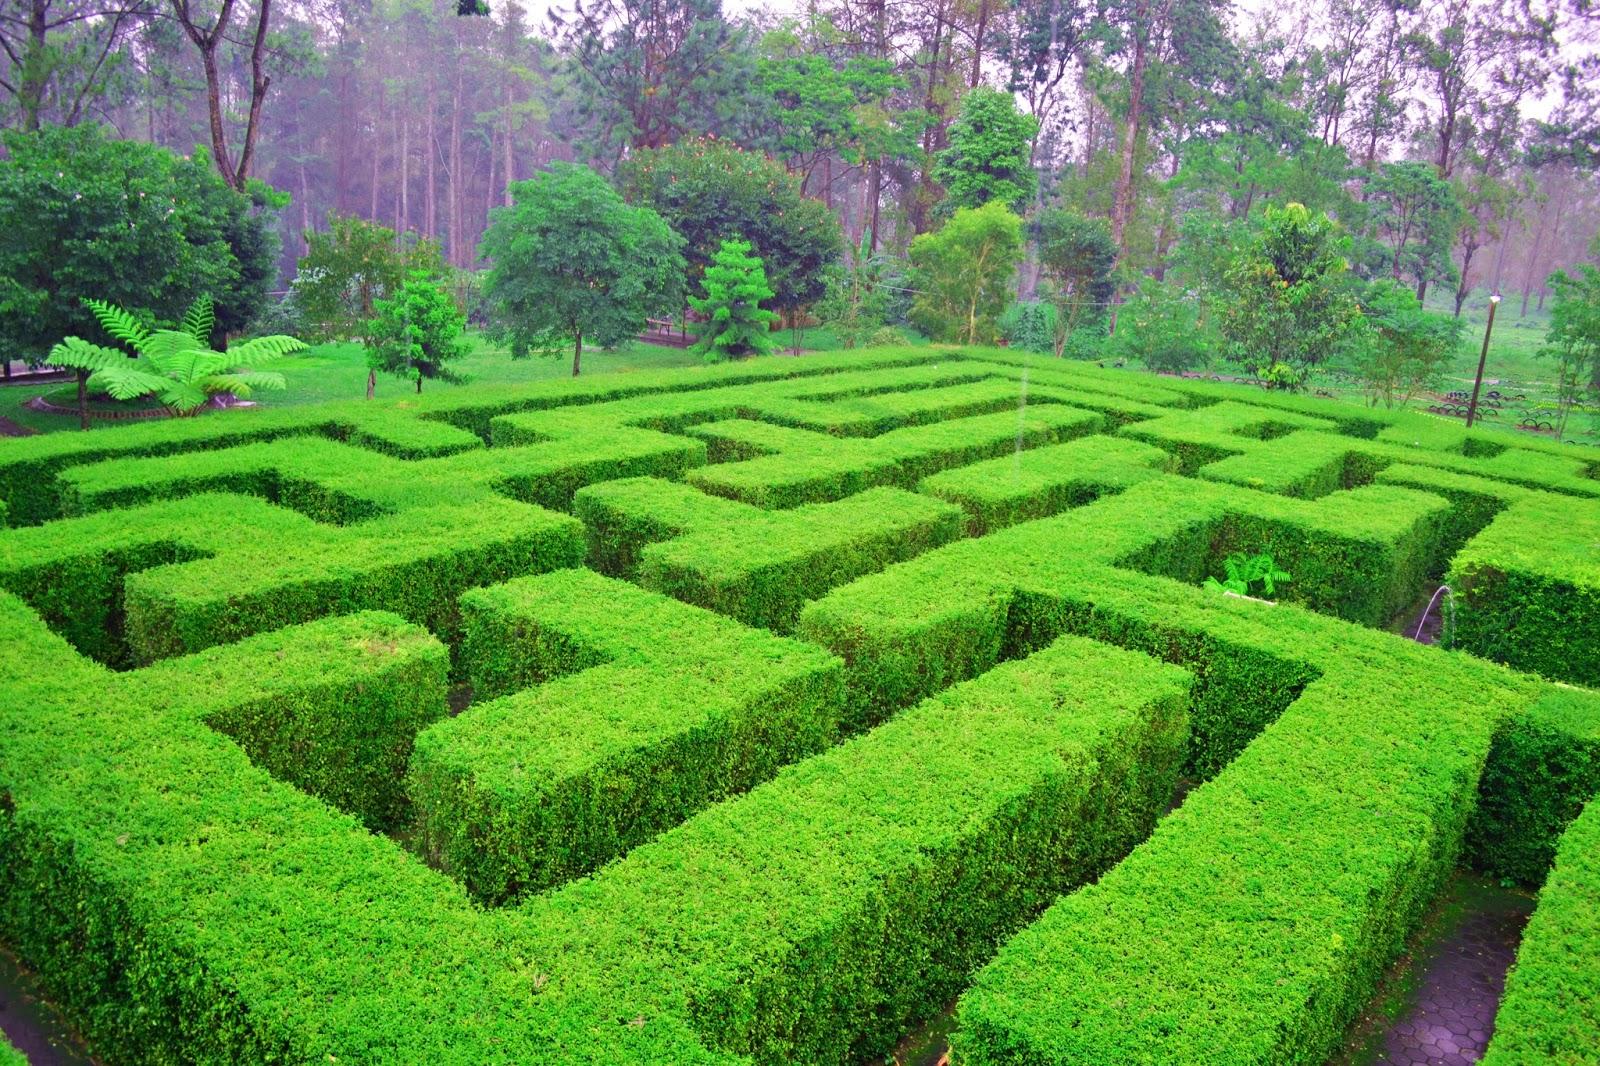 Josephbedford Biaya Masuk Taman Labirin Cempaka Spf 1607716768190 Wisata Taman Labirin Bandung Tiket Masuk Lokasi Balai Kota Fasilitas